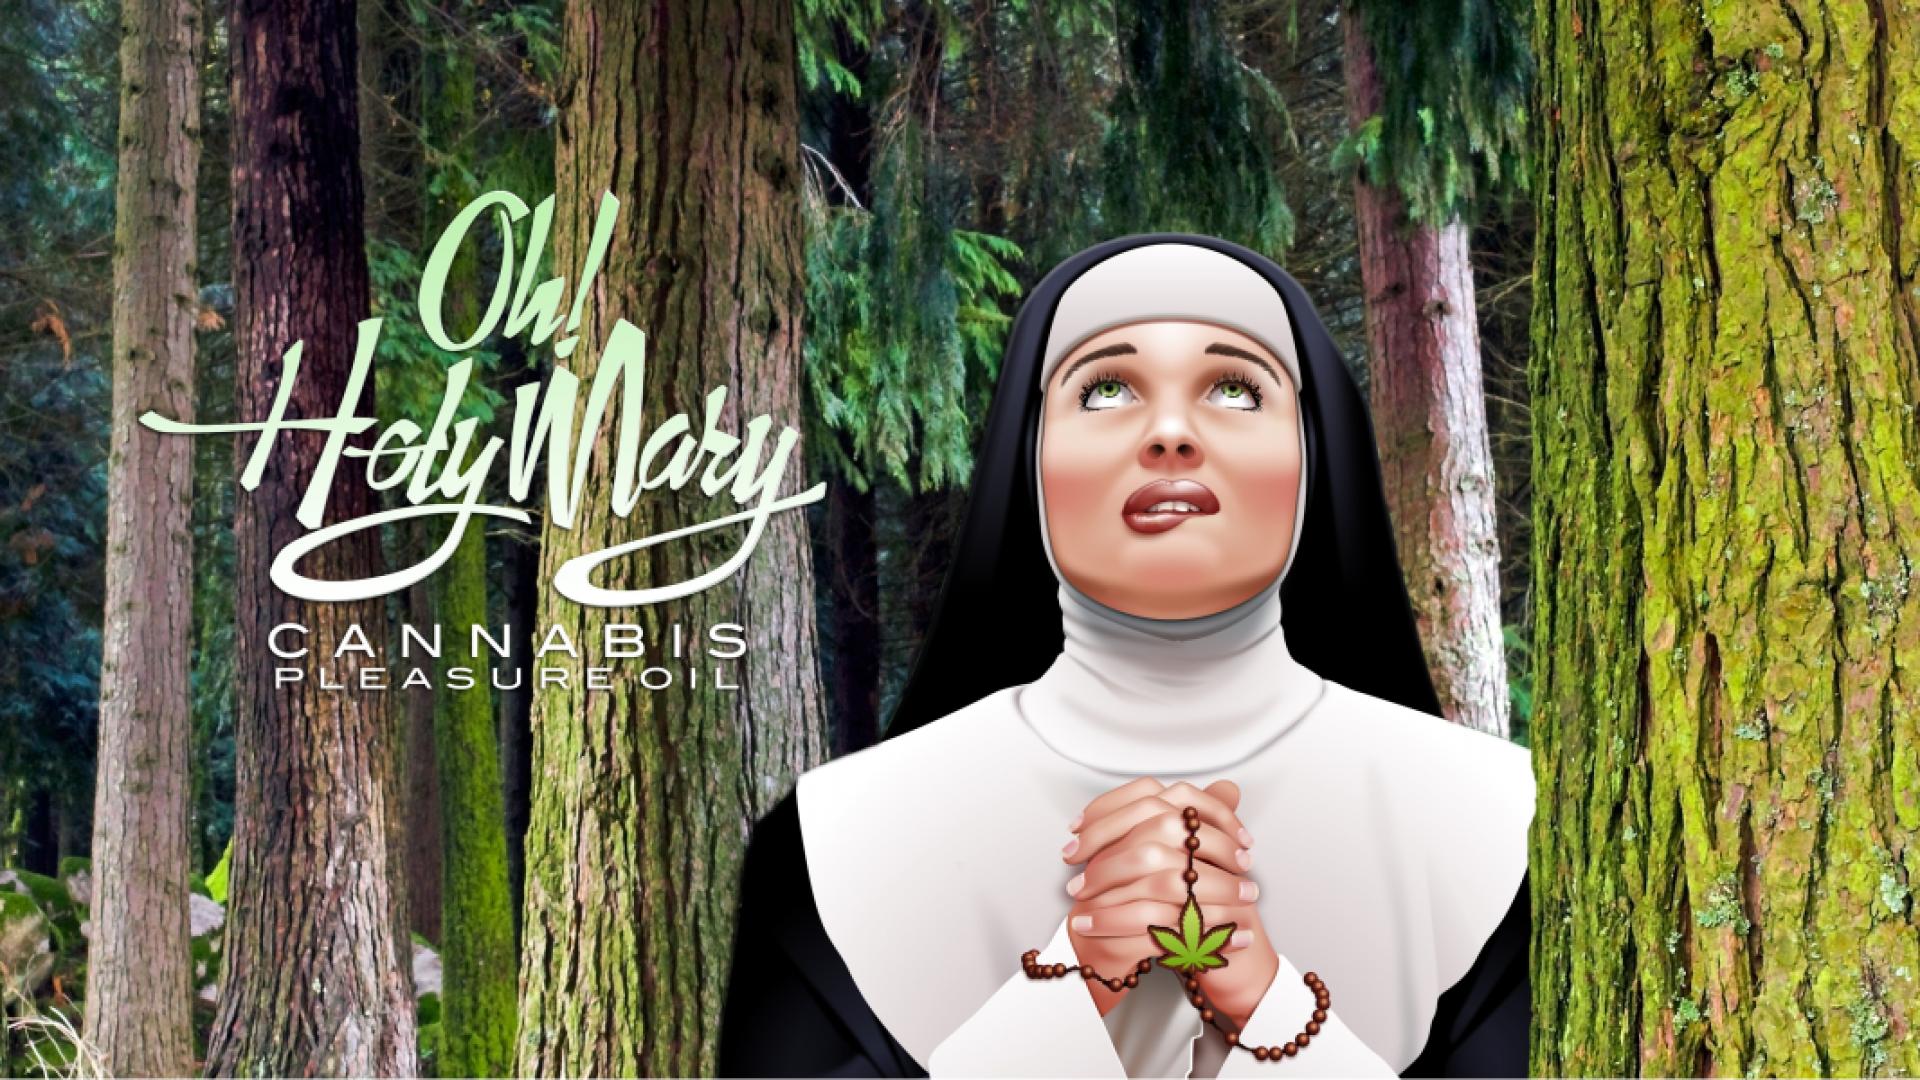 Oh!Holy Mary